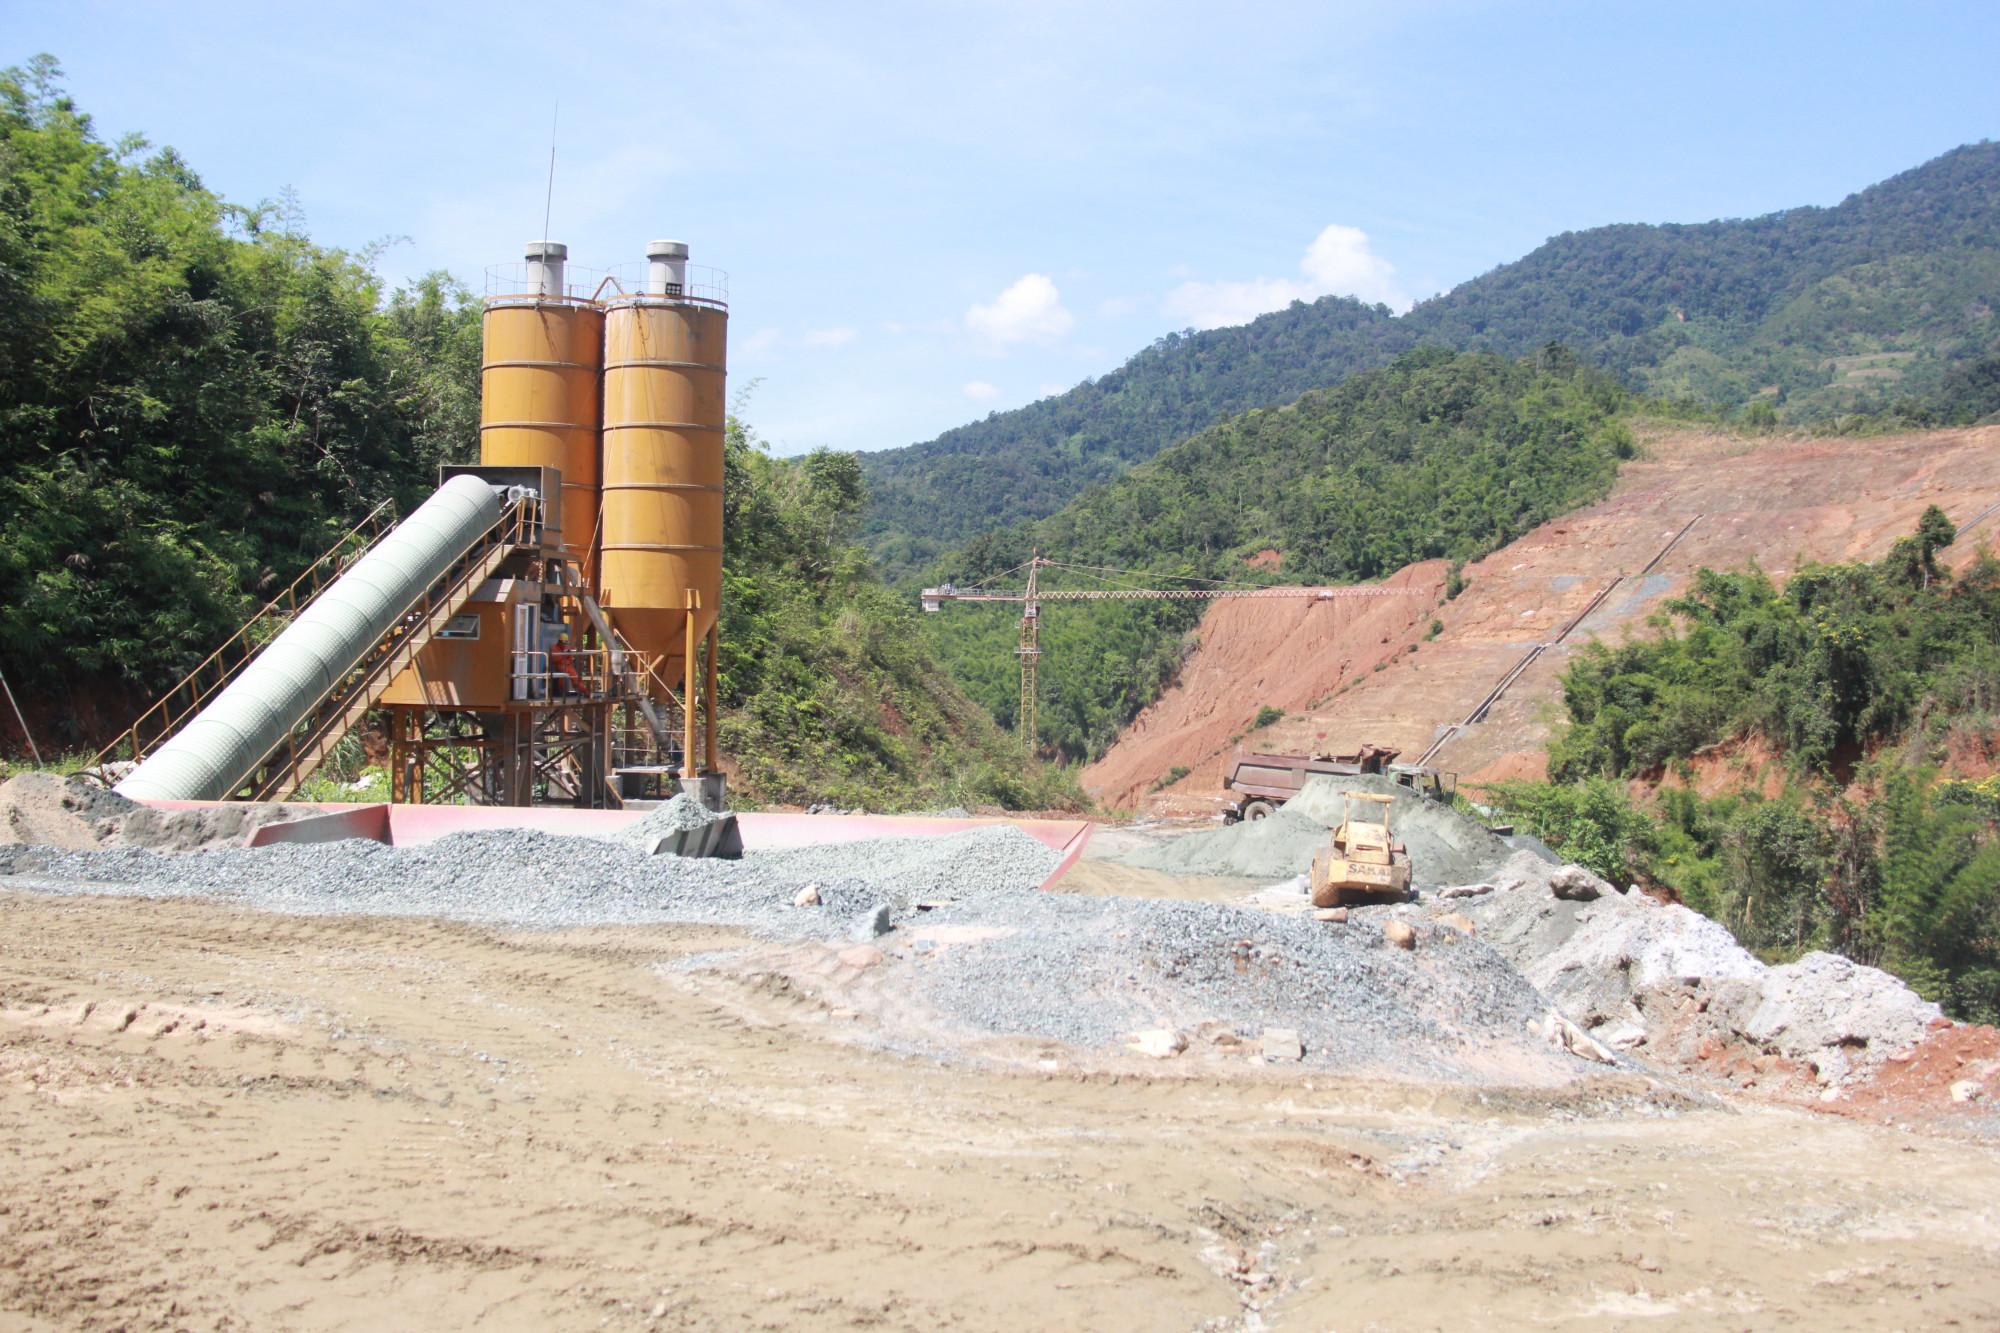 Dù ông Lê Quang Hào – Tổng Giám đốc Công ty Cổ phần Tài chính và Phát triển năng lượng mạnh miệng tuyên bố sẽ hoàn thành trong 3-4 tháng tới, nhưng đó là điều hồ nghi rất lớn cho chính quyền địa phương huyện Tây Giang